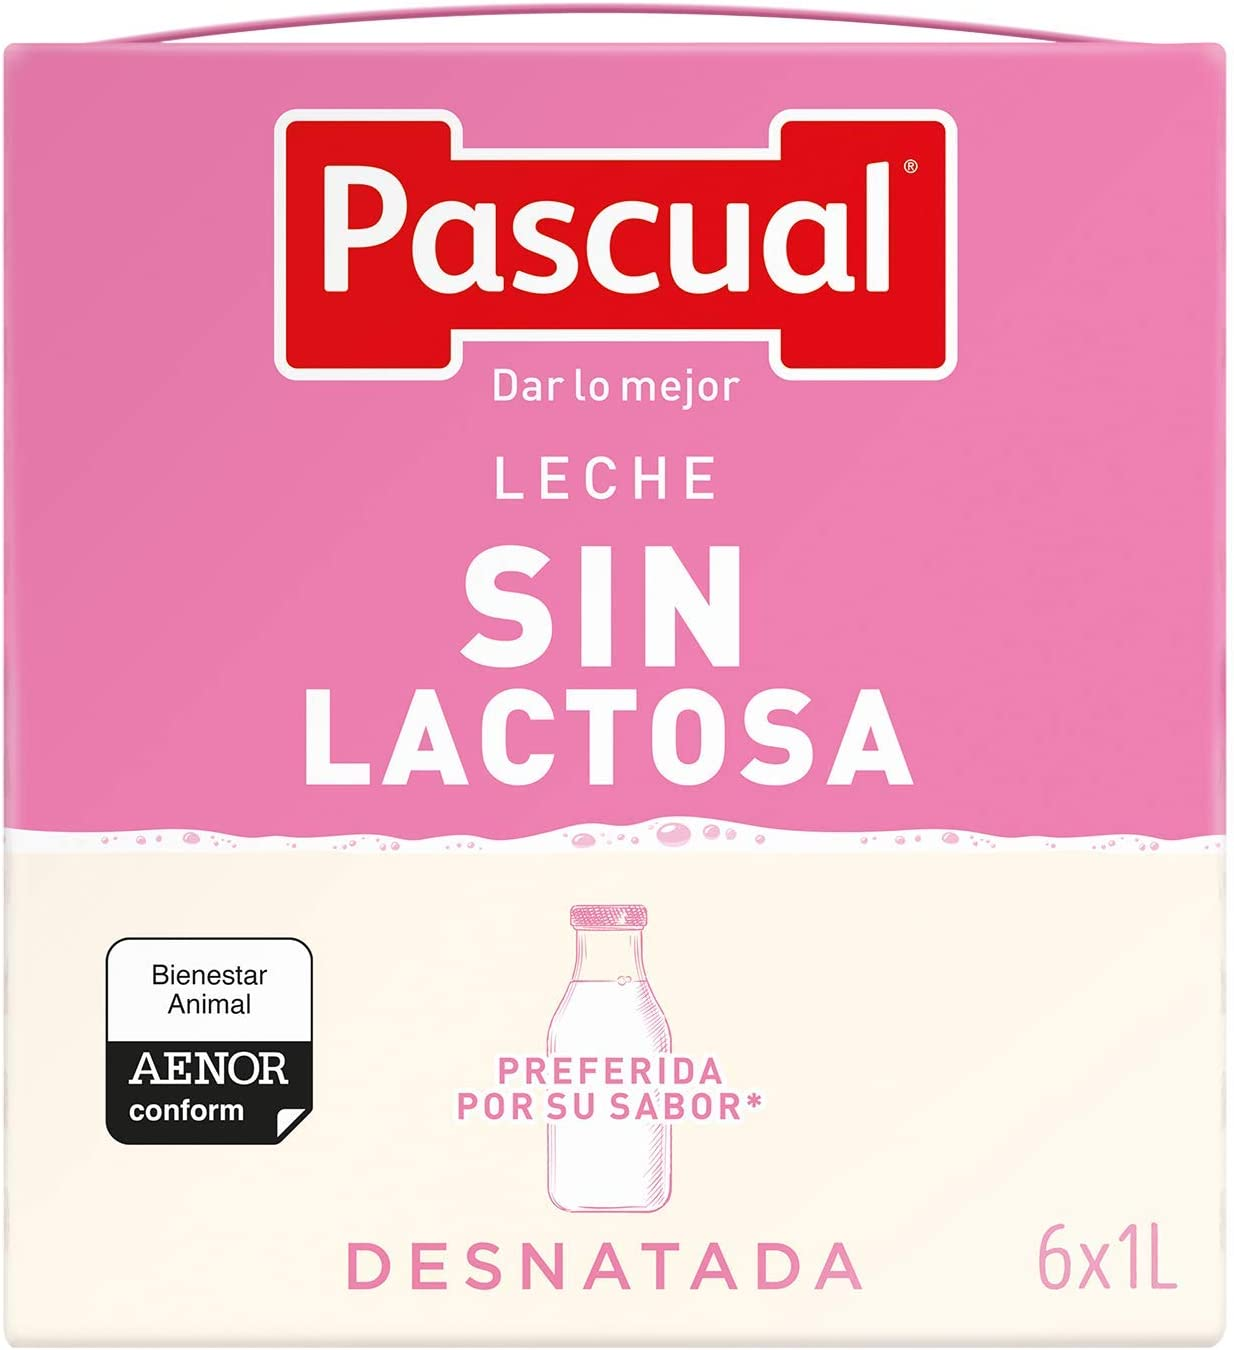 Pascual Leche Sin Lactosa Desnatada - Paquete de 6 x 1000 ml - Total: 6000 ml: Amazon.es: Alimentación y bebidas